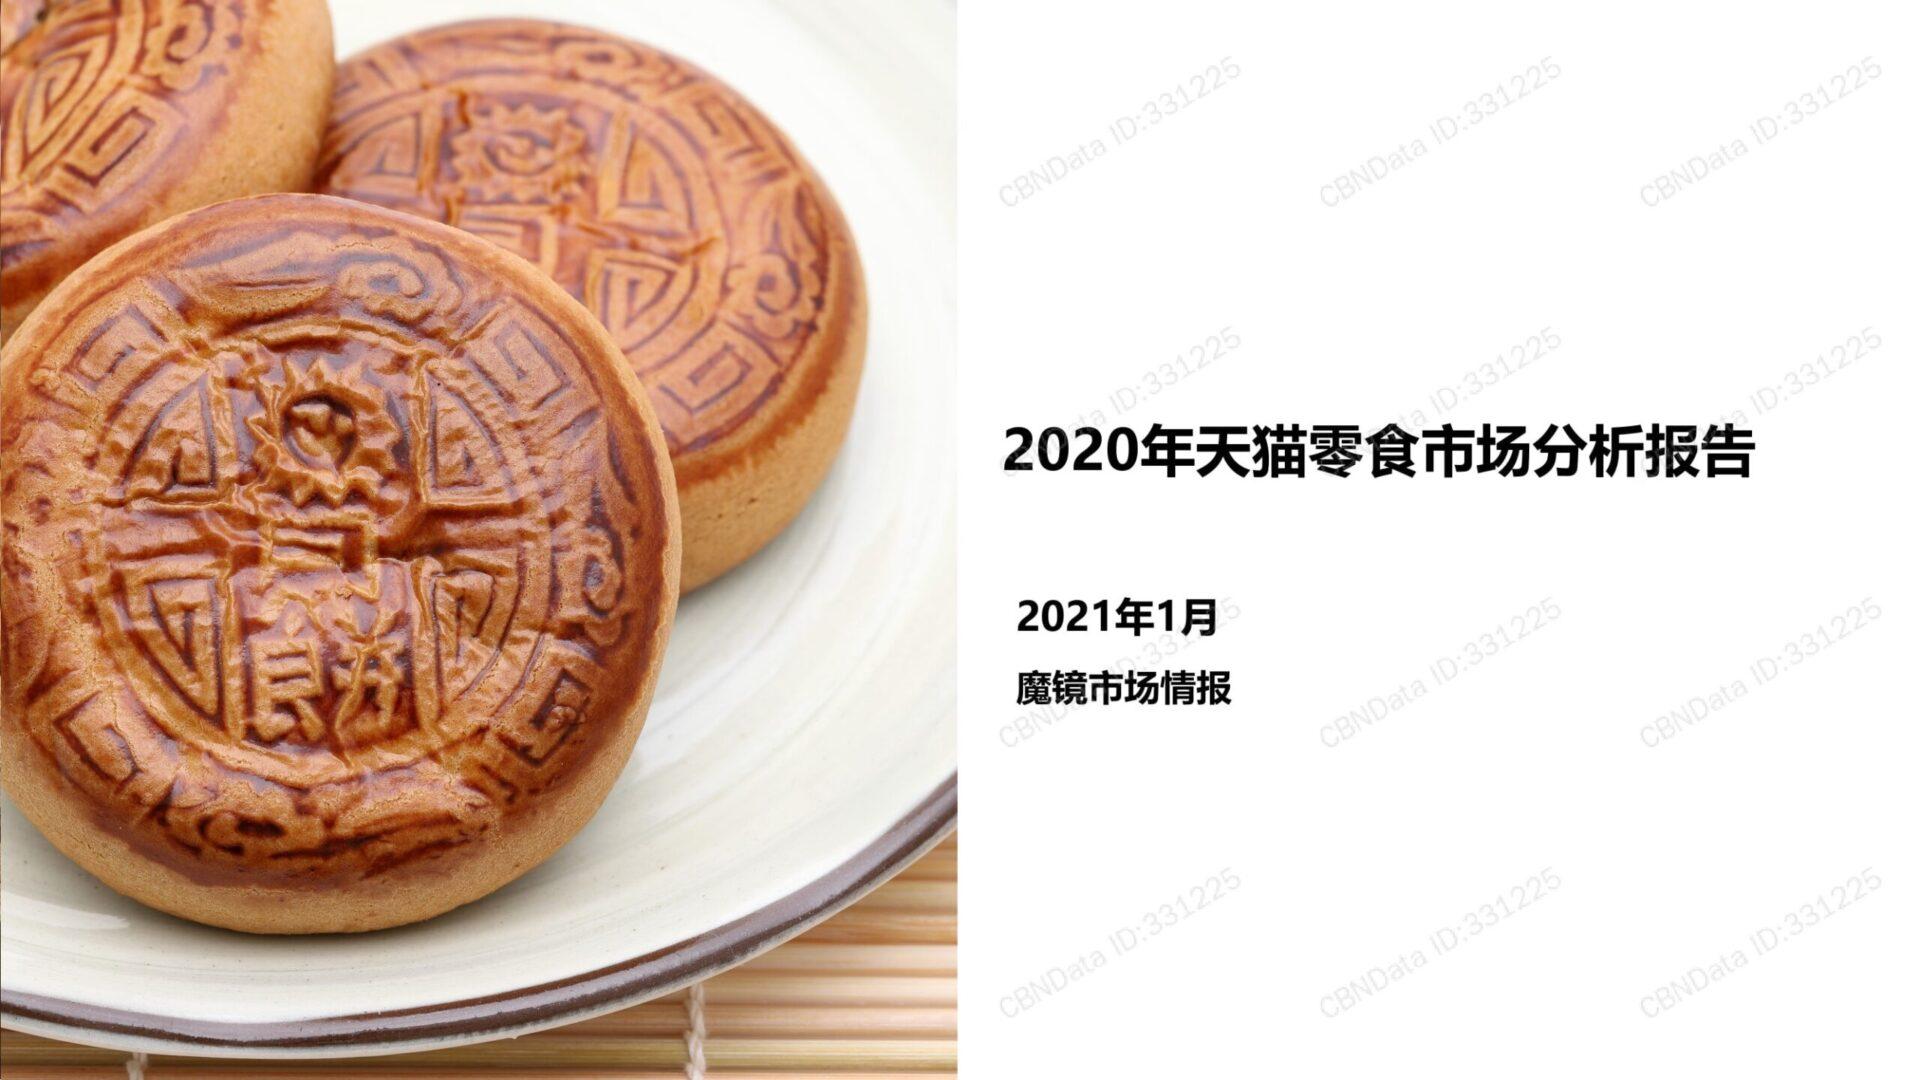 中国お菓子市場 分析報告書(後編)